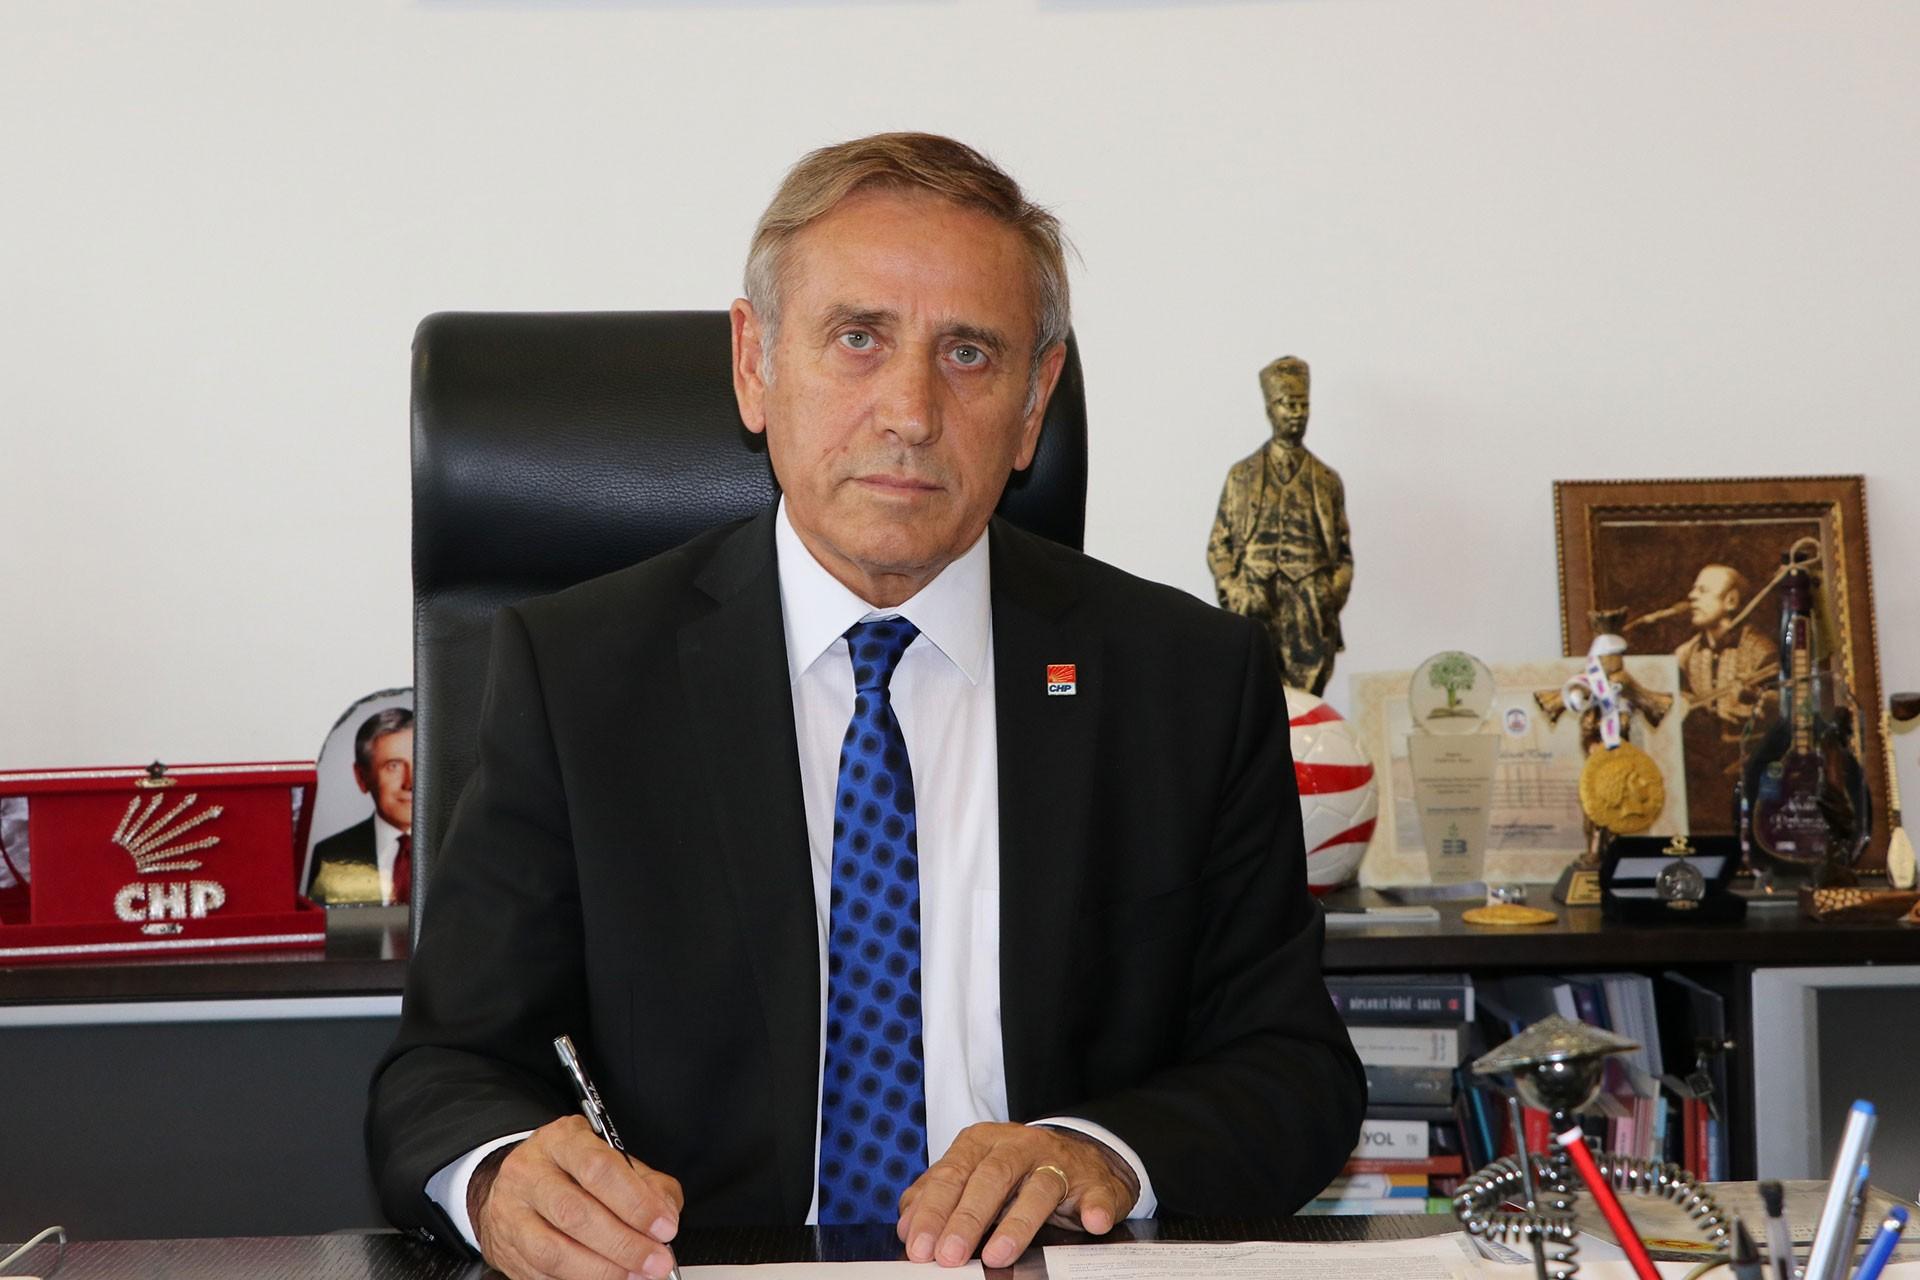 CHP Genel Başkan Yardımcısı Yıldırım Kaya'dan kayyum tepkisi: İktidar meşru değildir